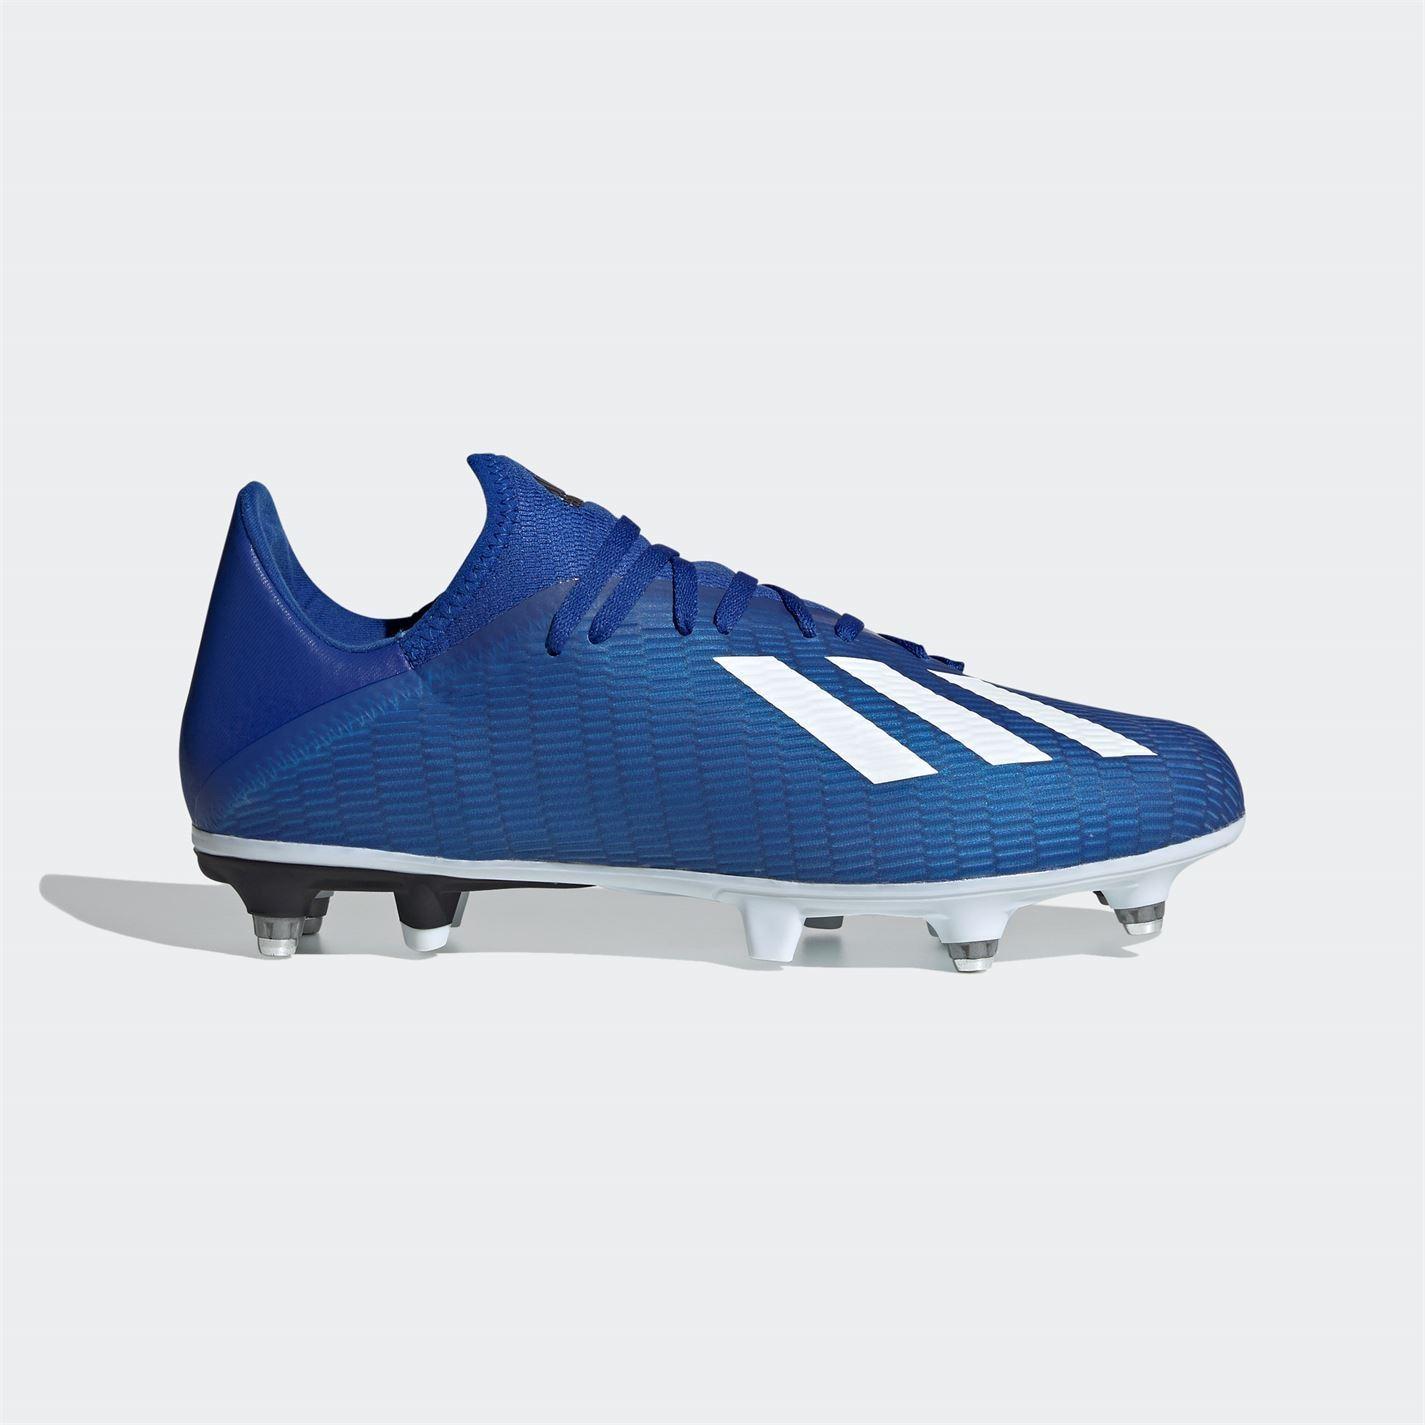 Adidas-X-19-3-Homme-SG-Terrain-Souple-Chaussures-De-Football-Chaussures-de-Foot-Crampons-Baskets miniature 3